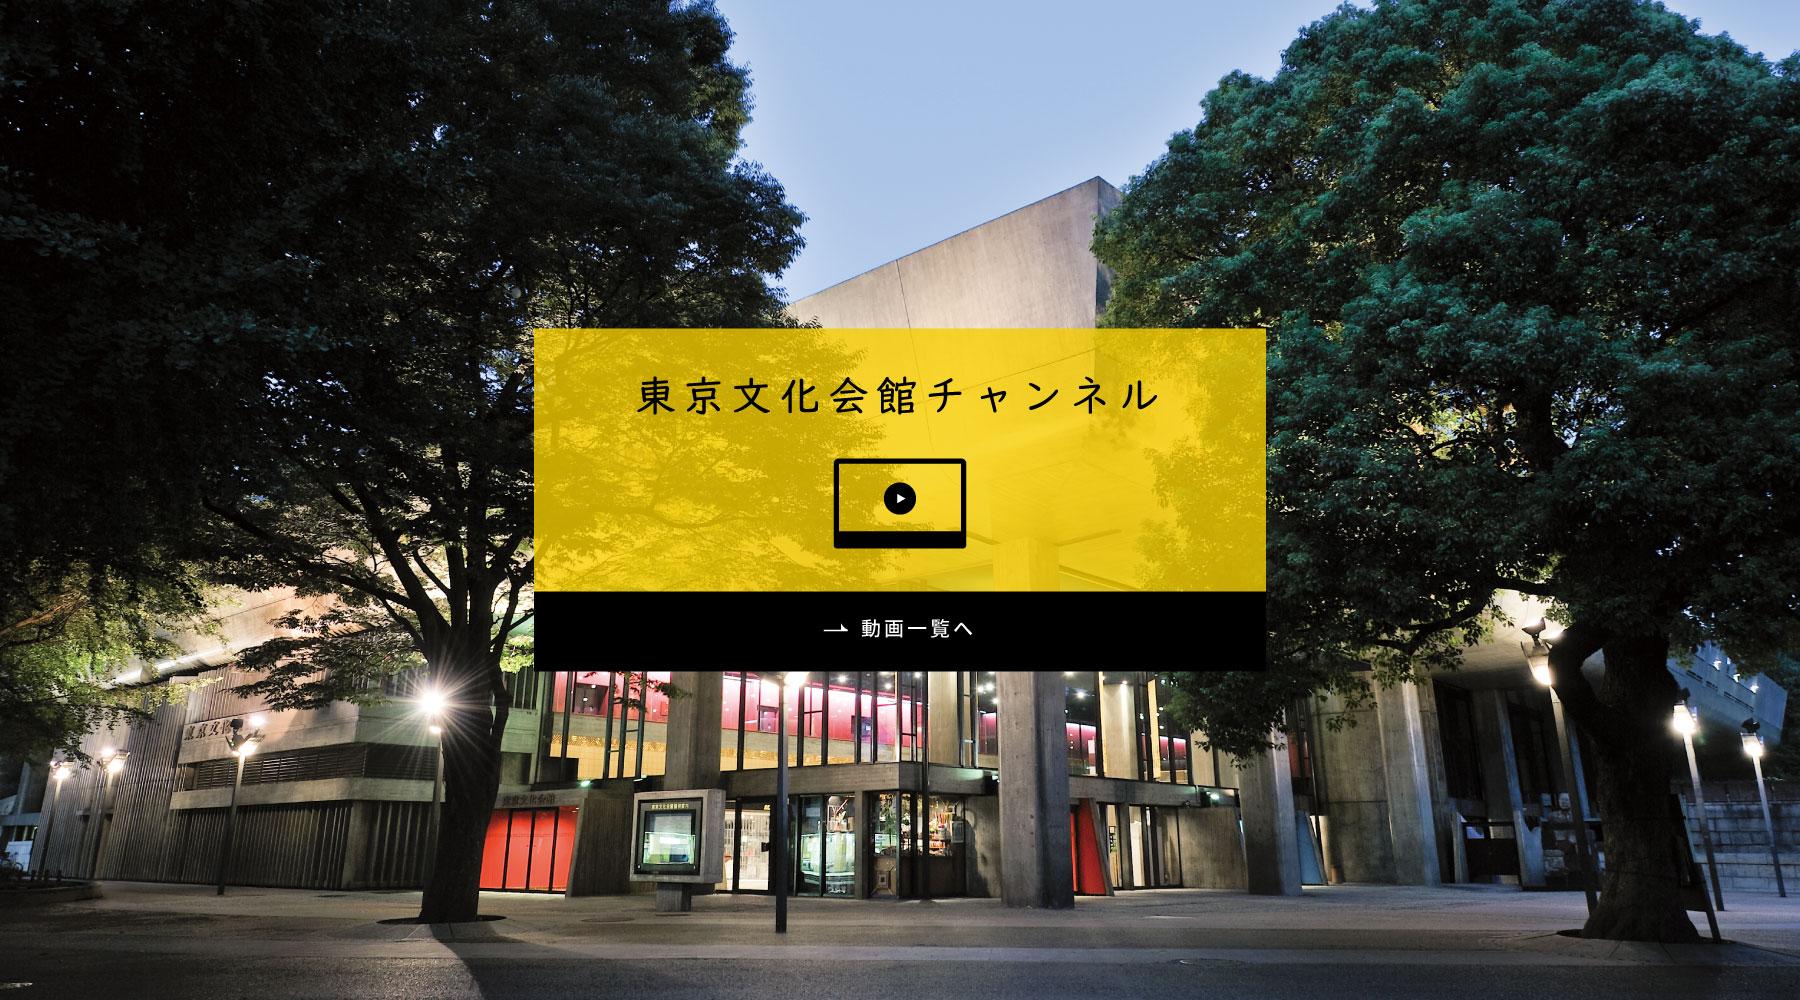 東京文化会館チャンネル